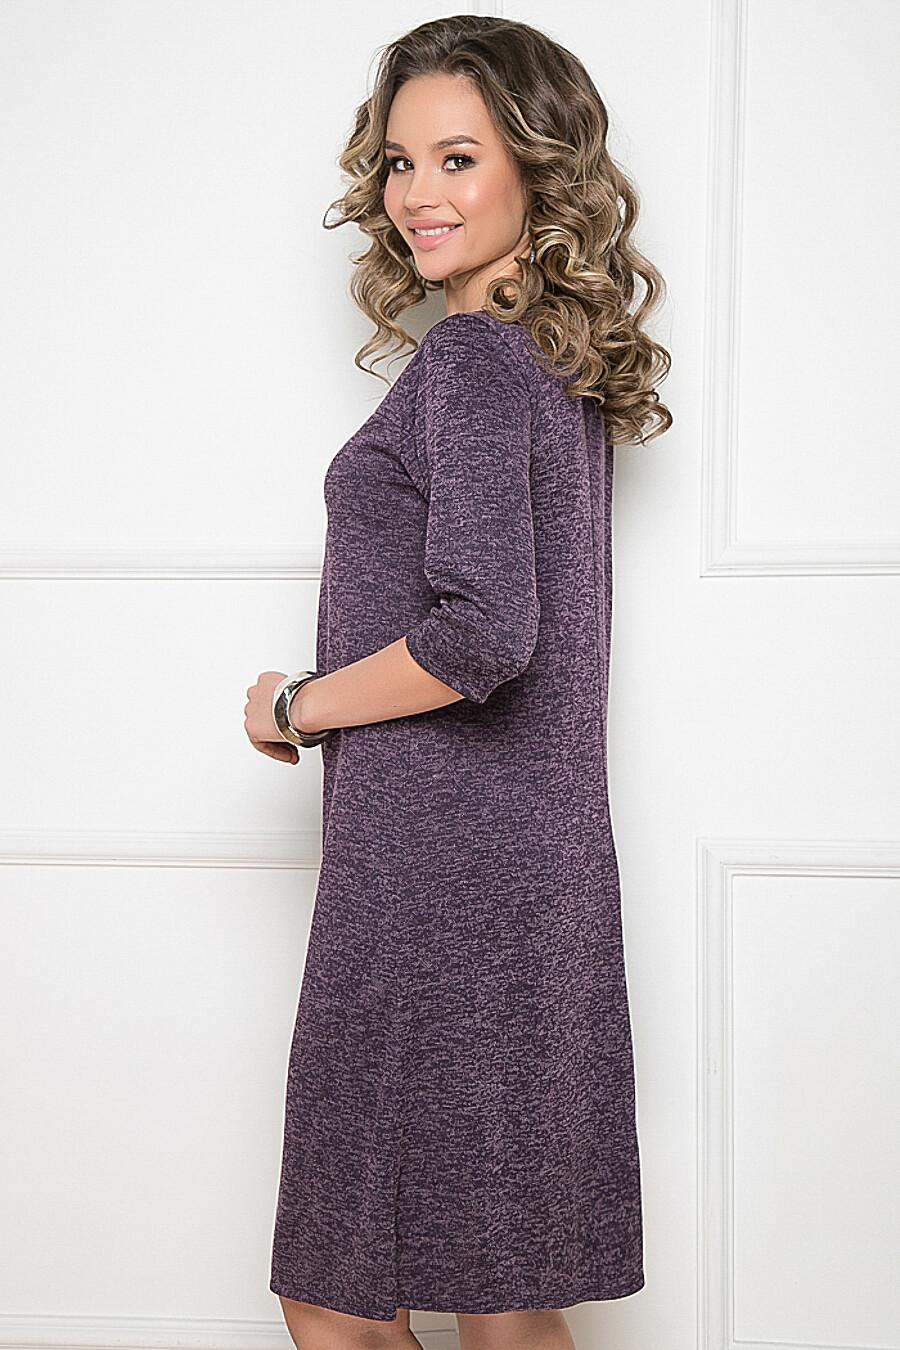 Платье Палау BELLOVERA (272449), купить в Moyo.moda